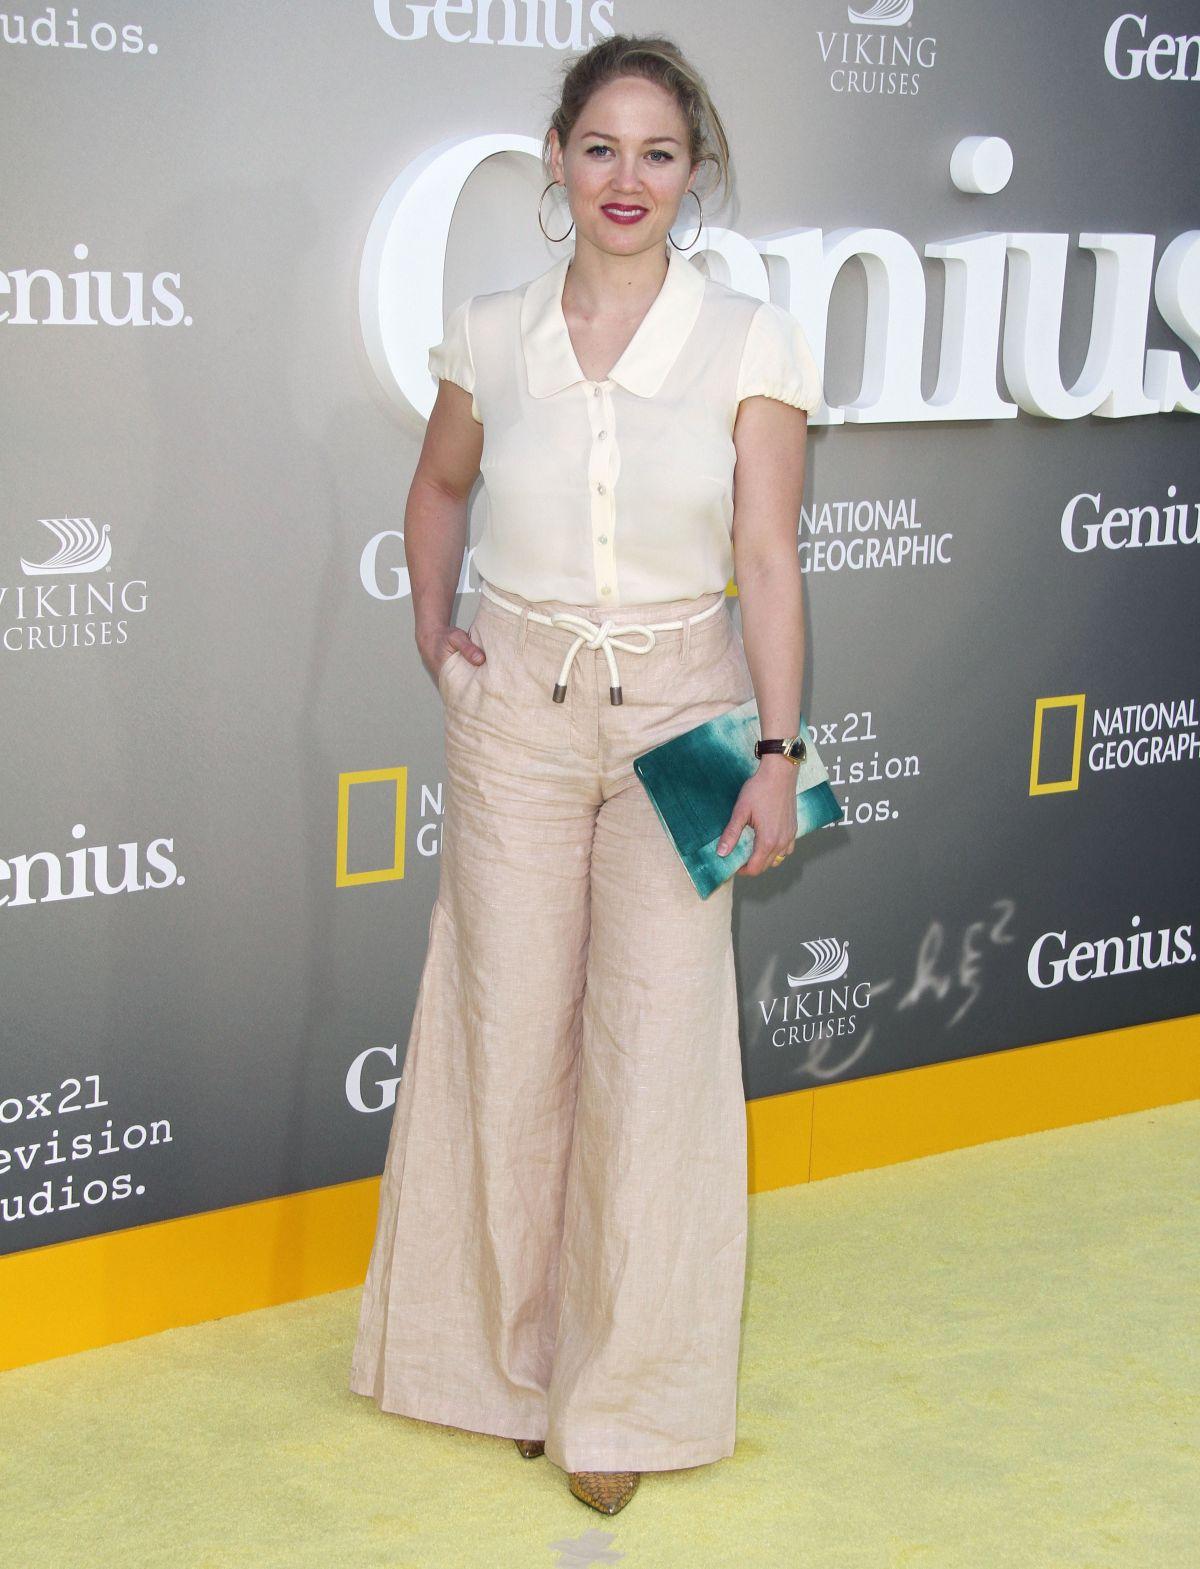 ERIKA CHRISTENSEN at National Geographic's Genius Premiere ...